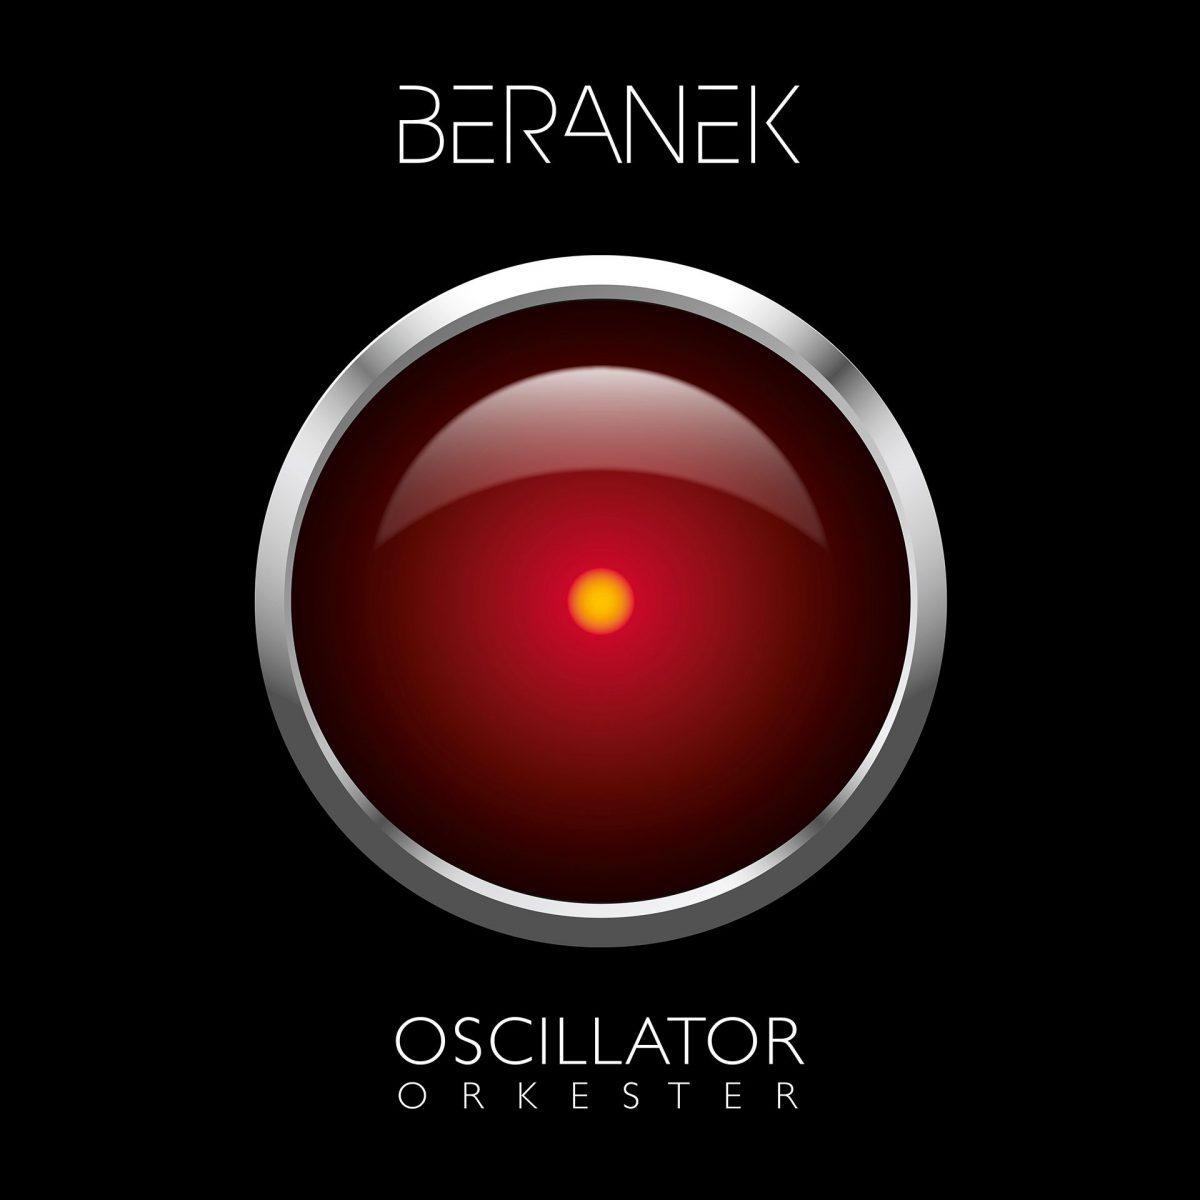 Beranek - Oscillator Orkester